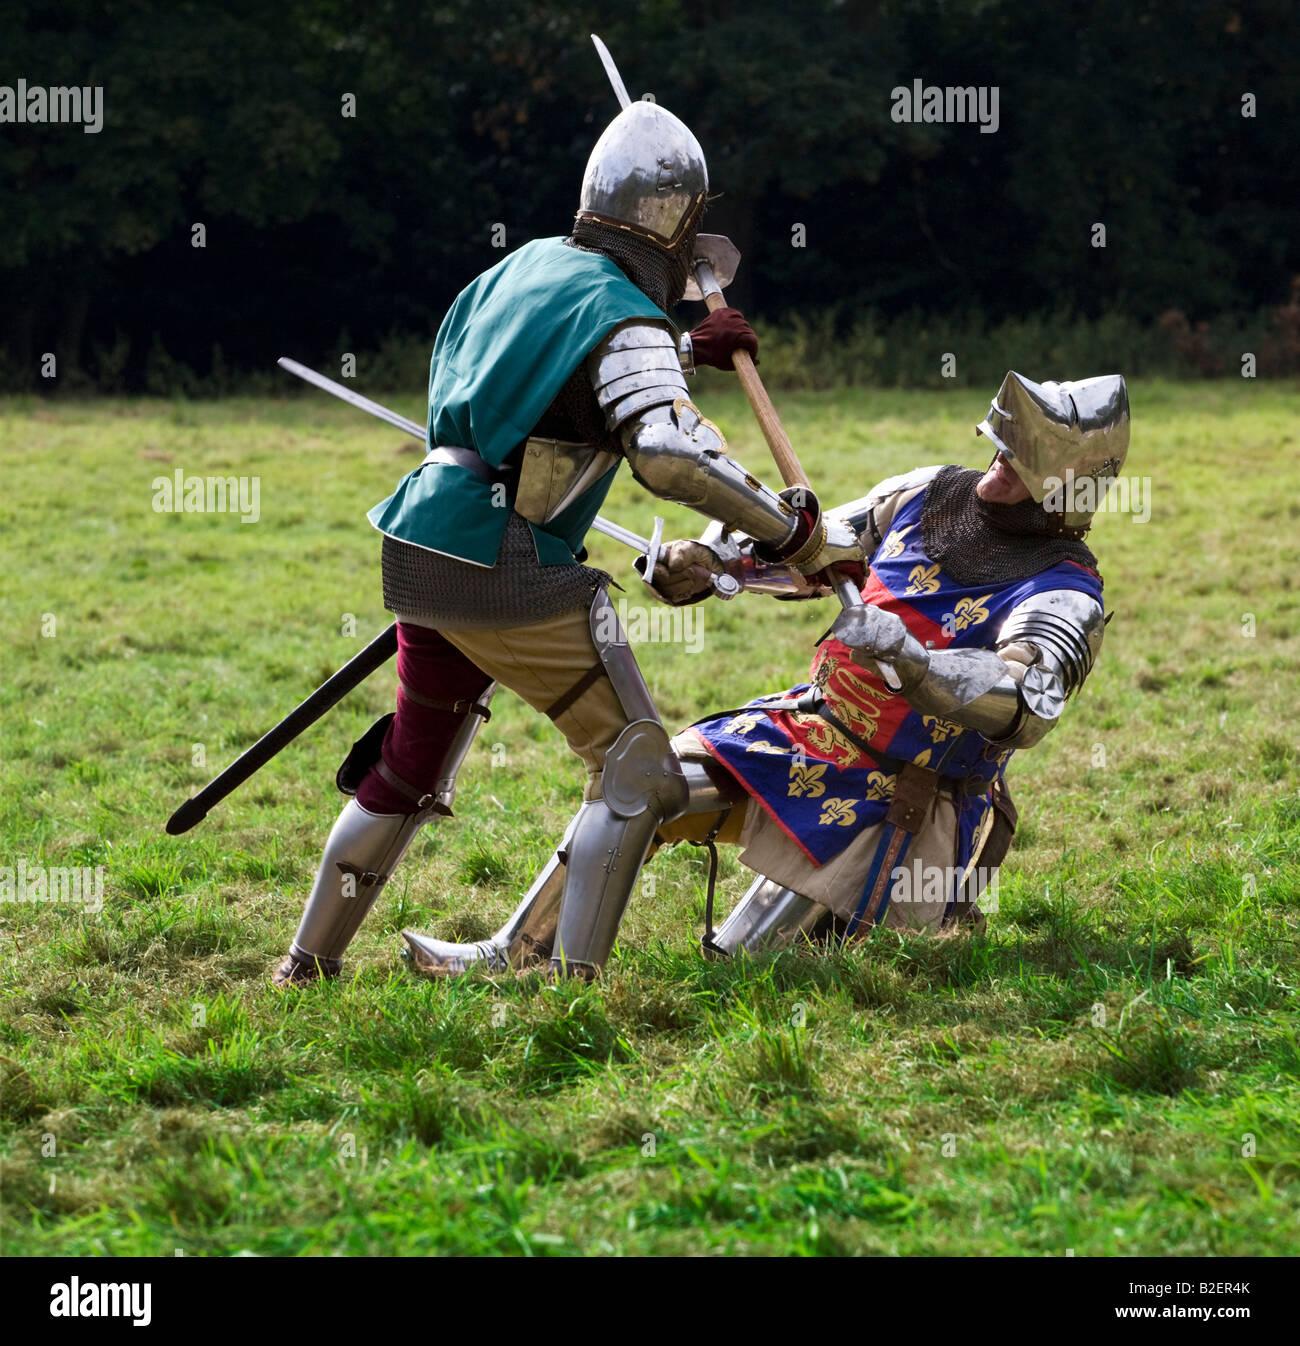 Cavalieri medievali in una lotta mortale - una rievocazione. per solo uso editoriale Immagini Stock